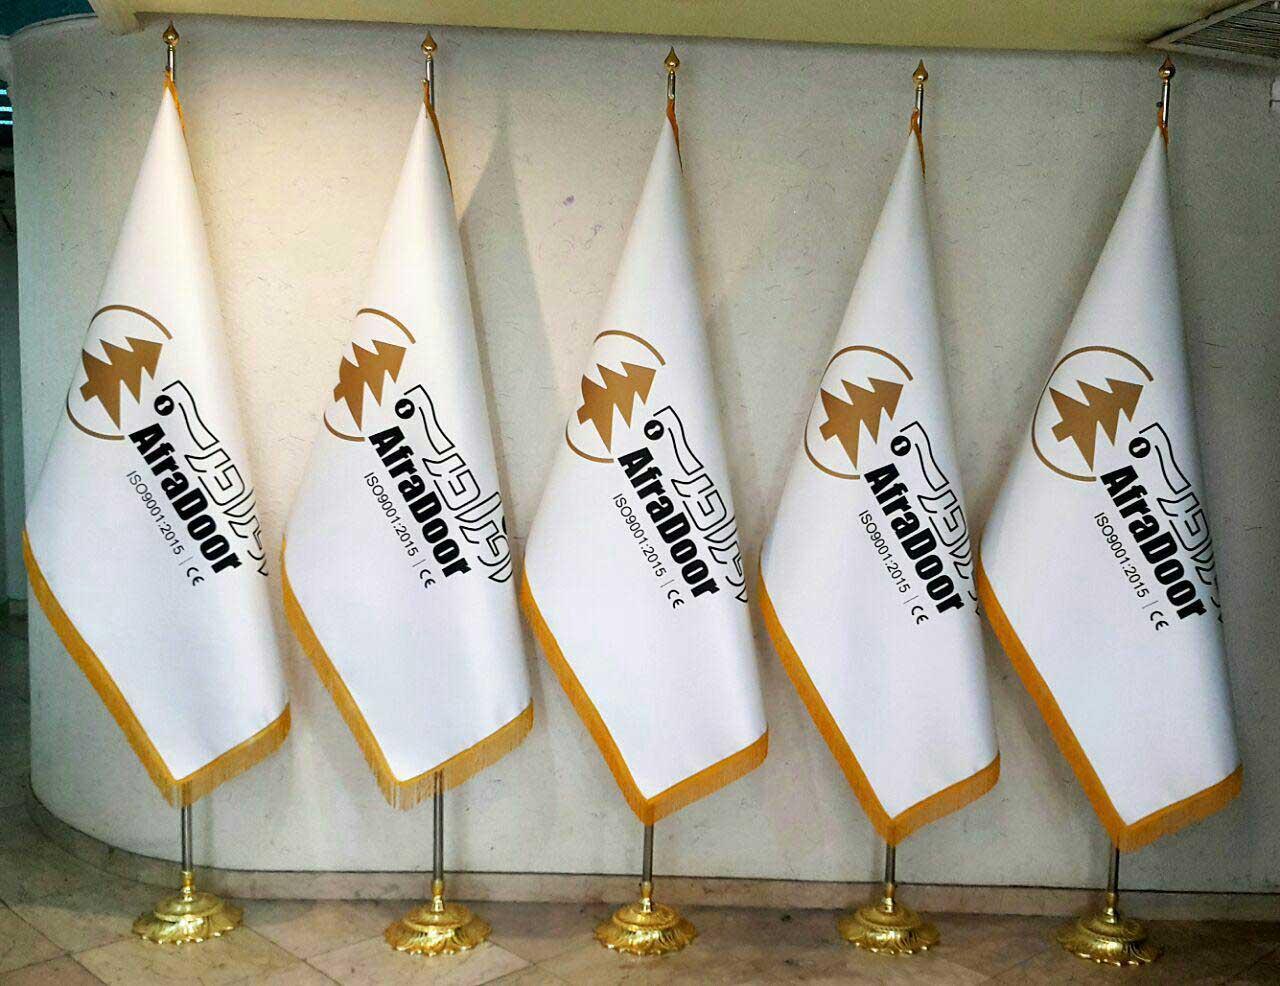 پرچم تشریفات,پرچم بزرگ,بارنگ-بهترین-کیفیت-در-چاپ-پرچم